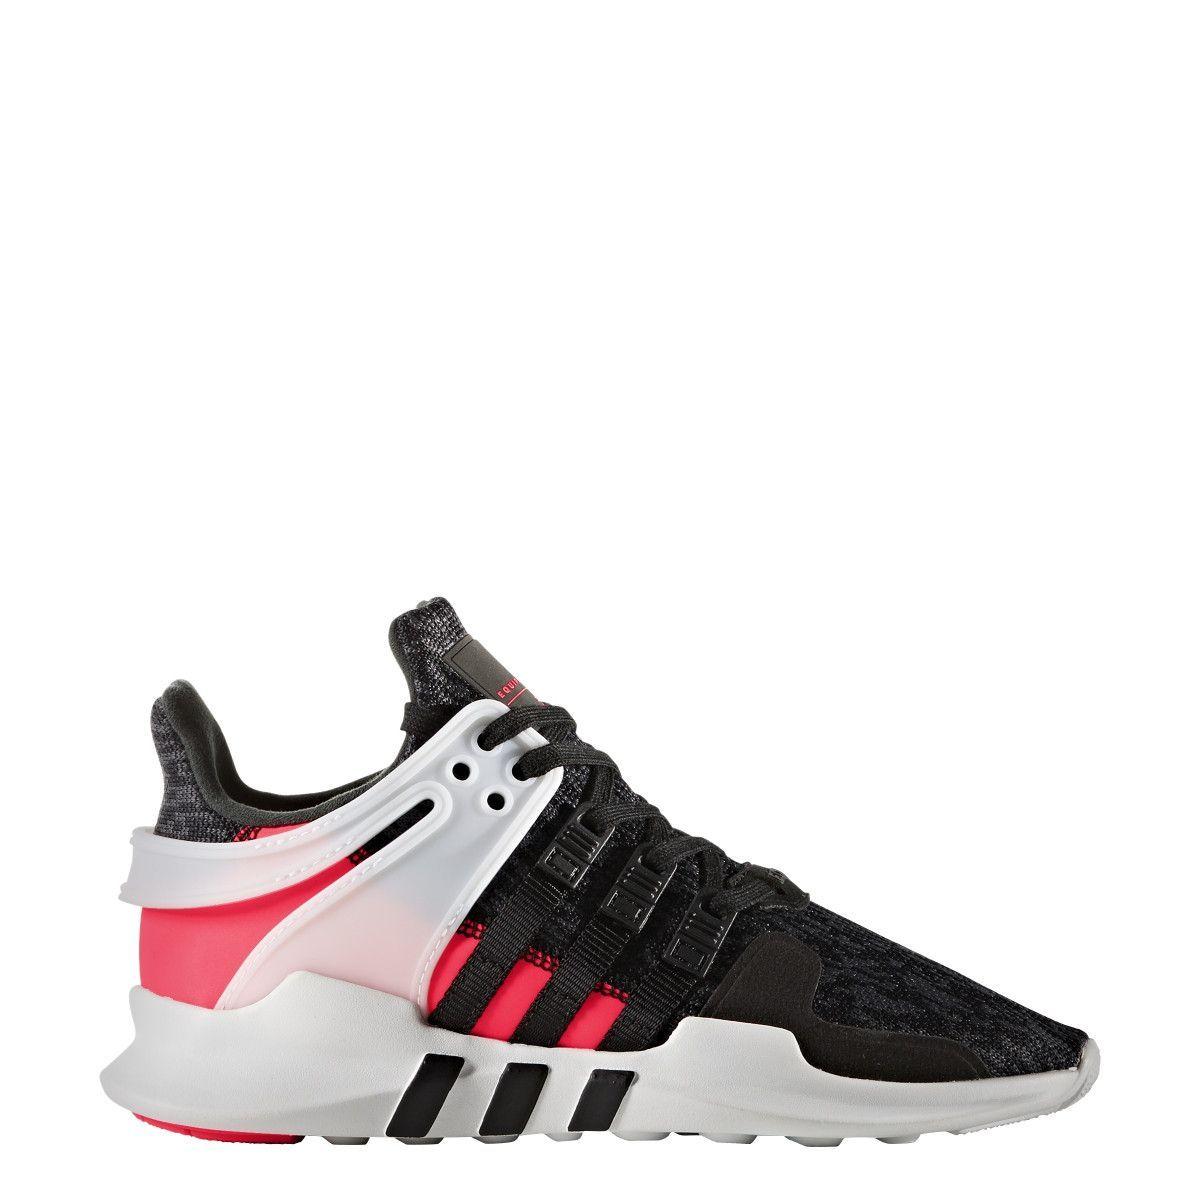 3a4abd0074db3d adidas eqt kids shoes orange